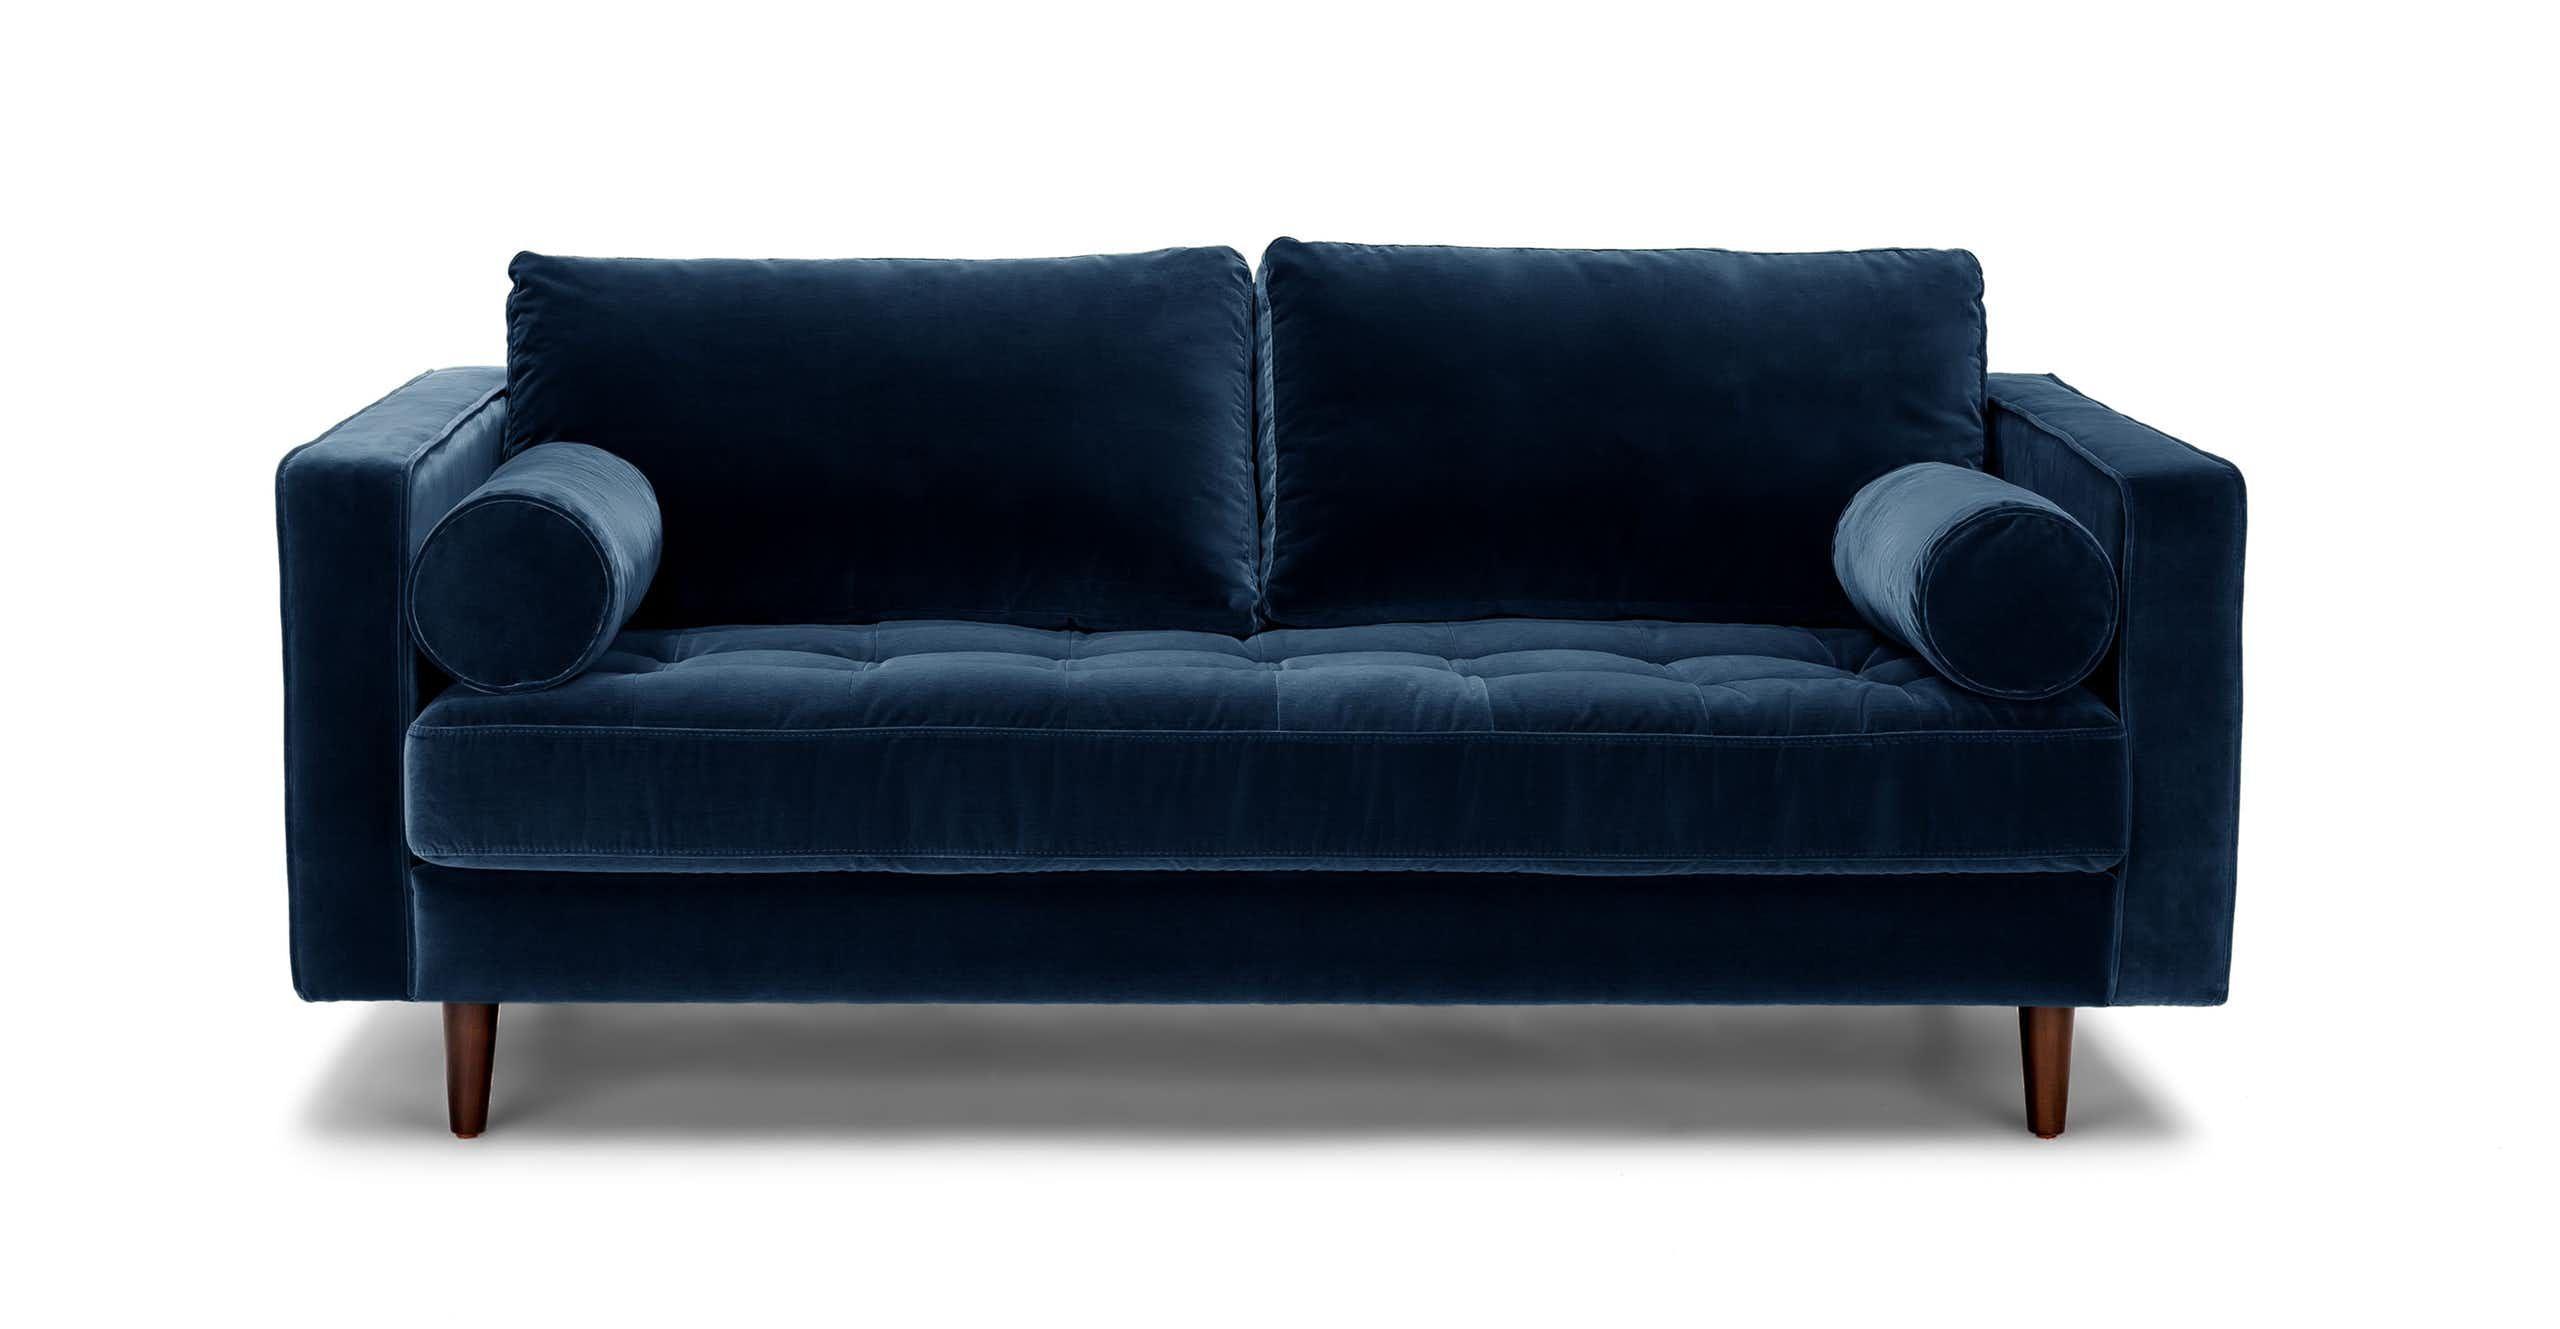 Sven Cascadia Blue 72 Sofa